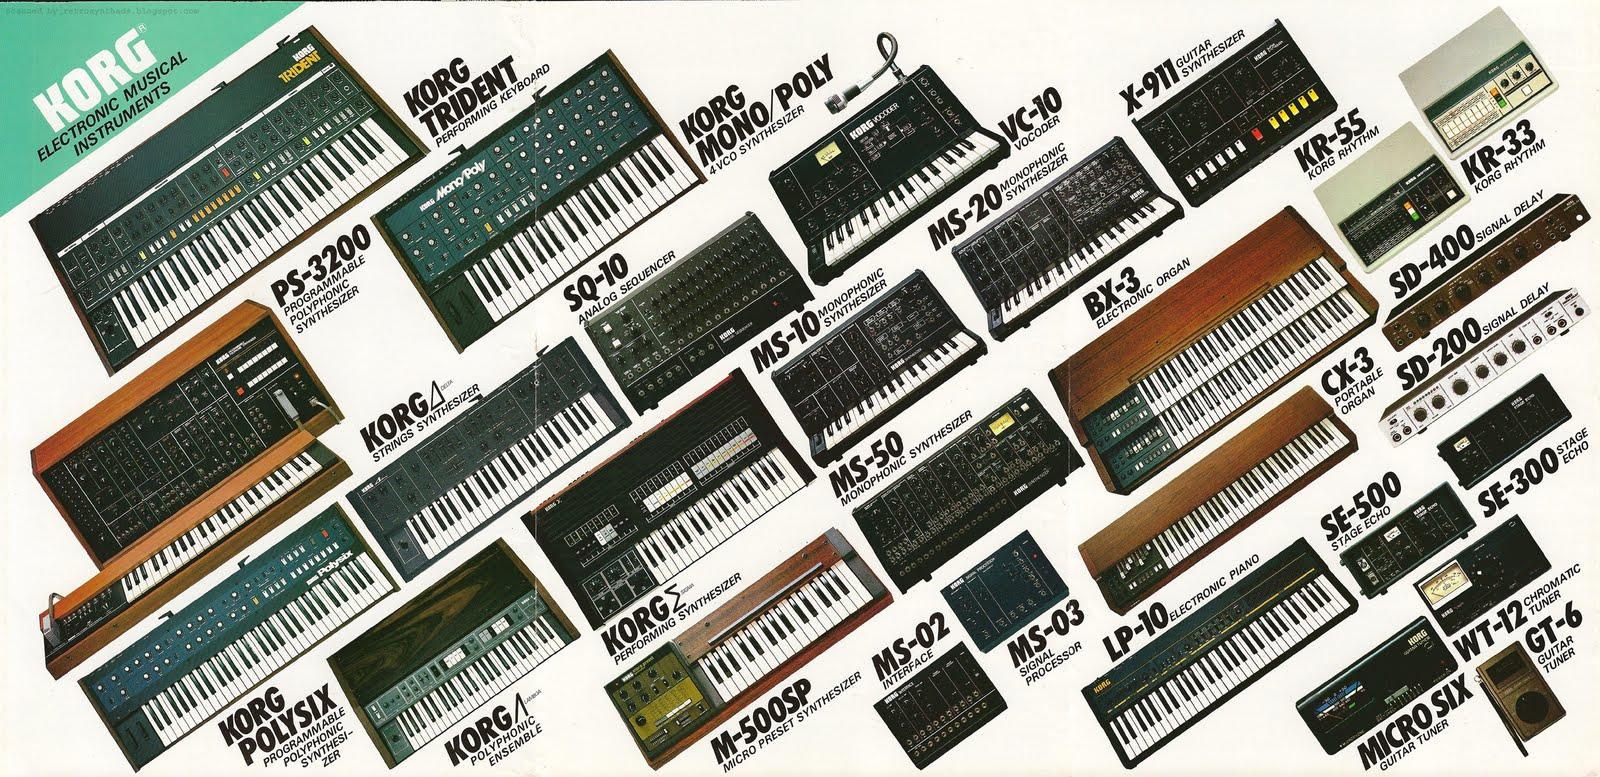 Vintage Korg MS series cv-compatible gear - Gearslutz